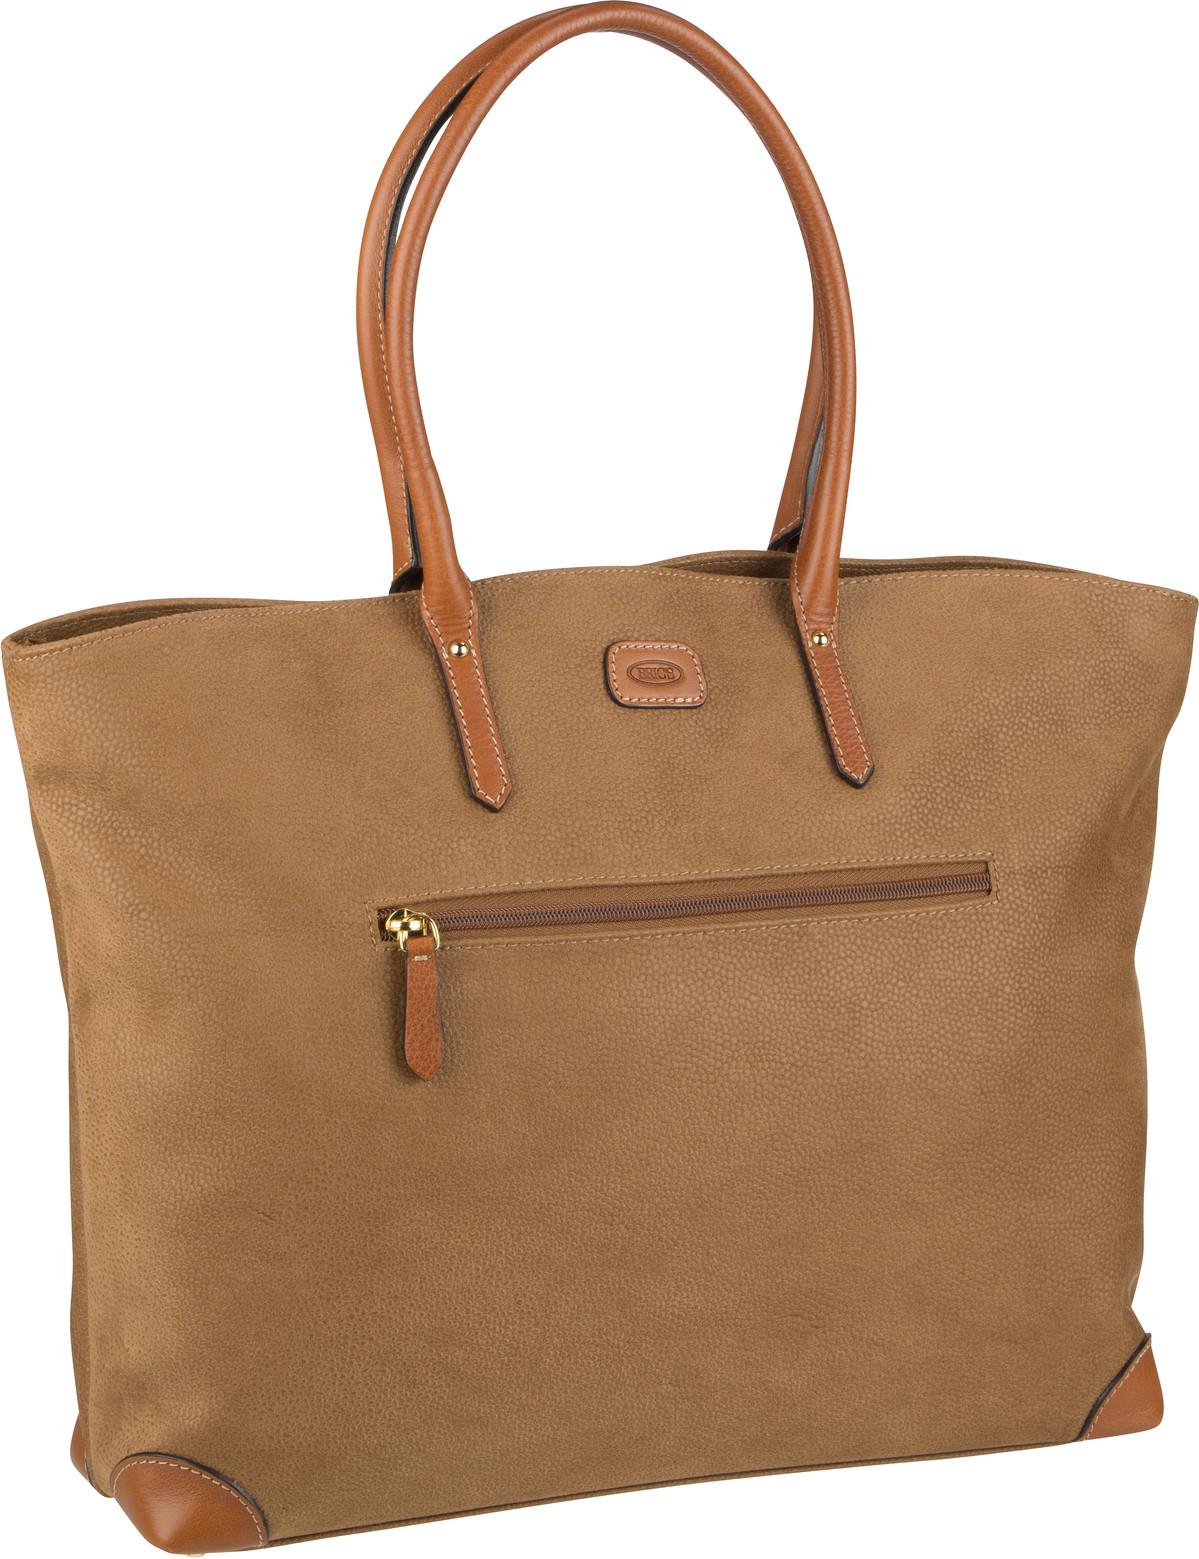 's Handtasche Life Damentasche 53330 Renna